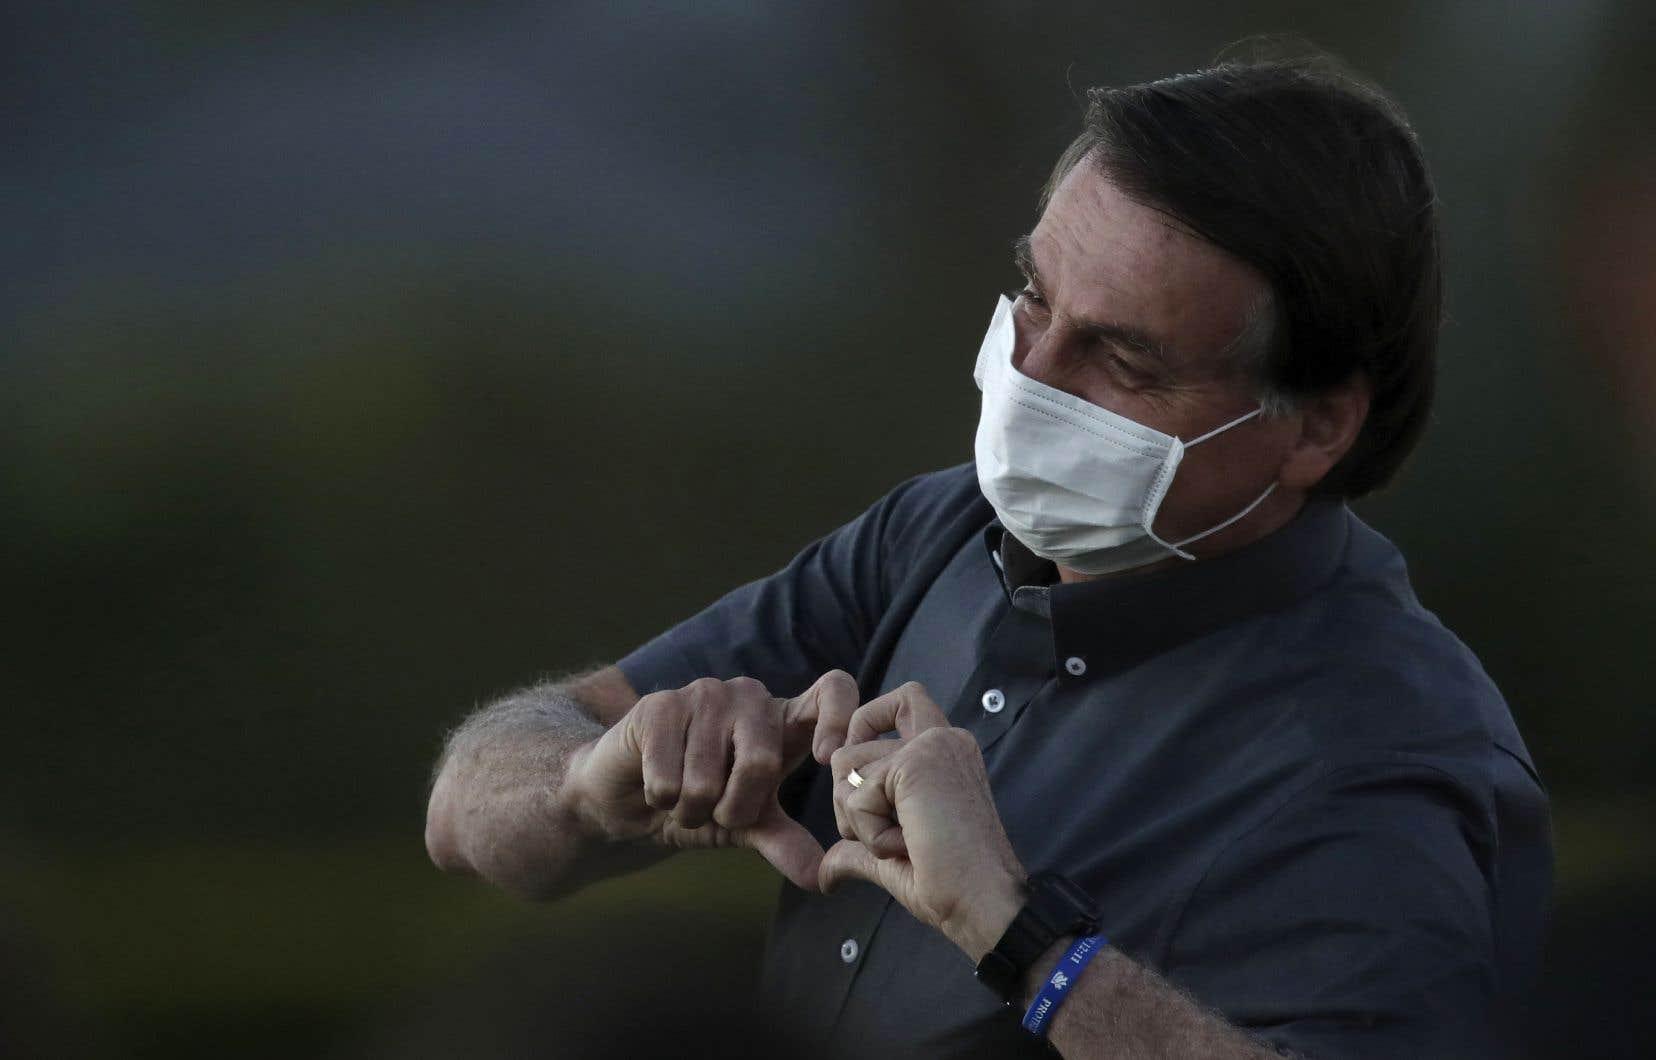 Le président Bolsonaro a souvent minimisé la gravité de la pandémie en qualifiant la COVID-19 de «grippette».